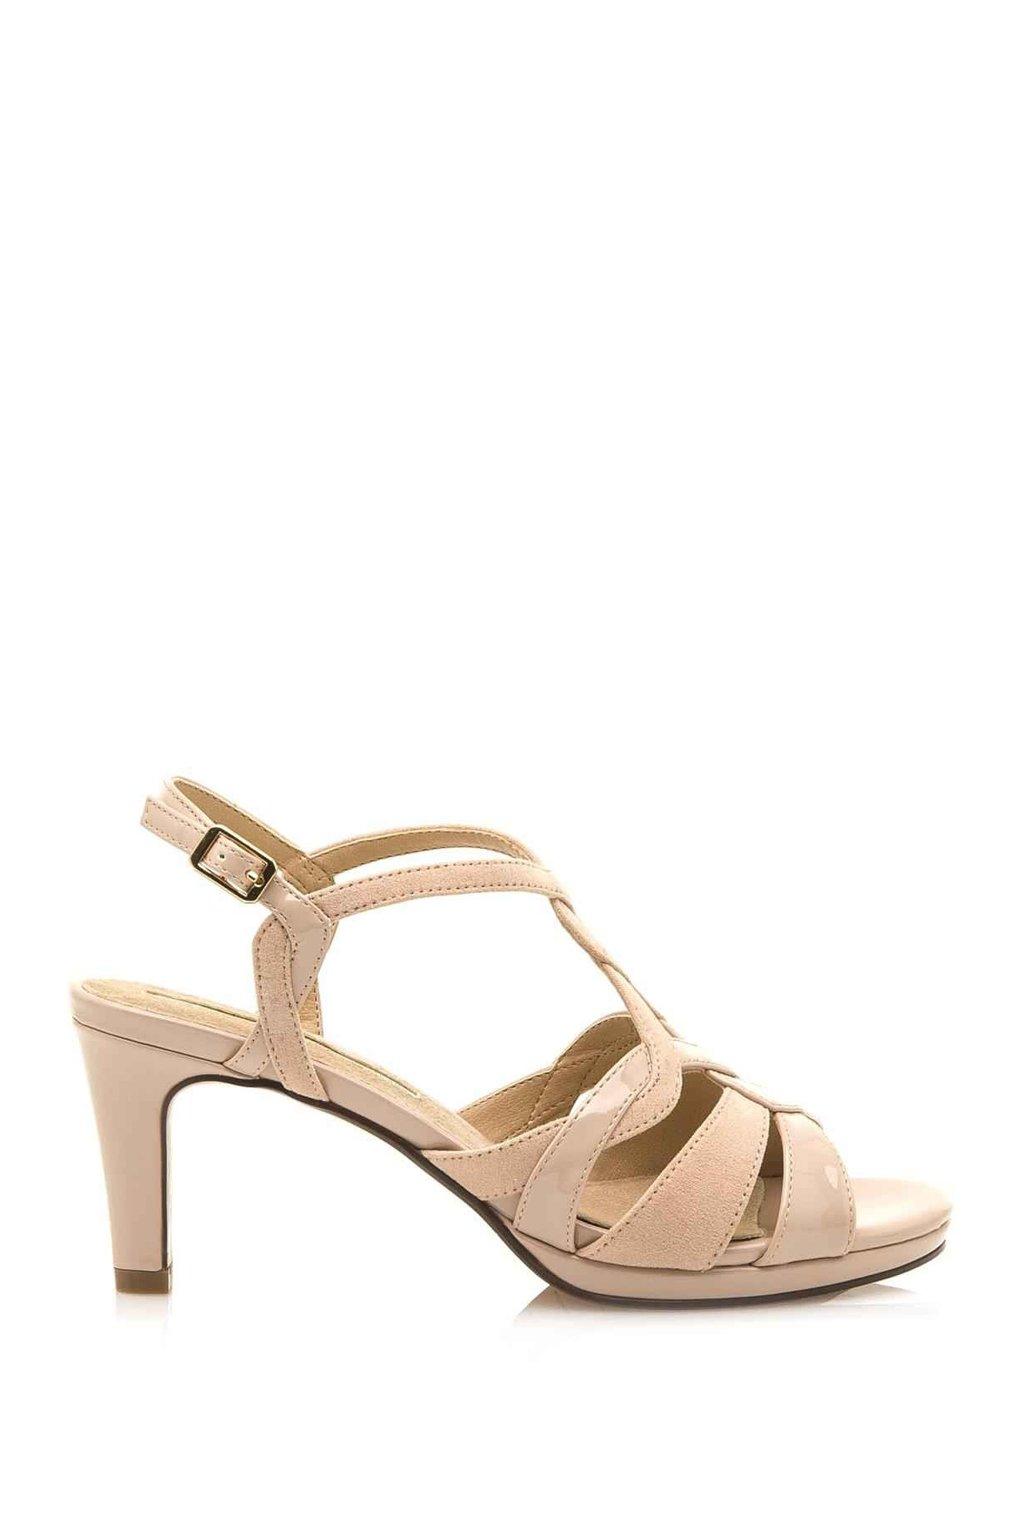 Béžové sandály na podpatku Maria Mare